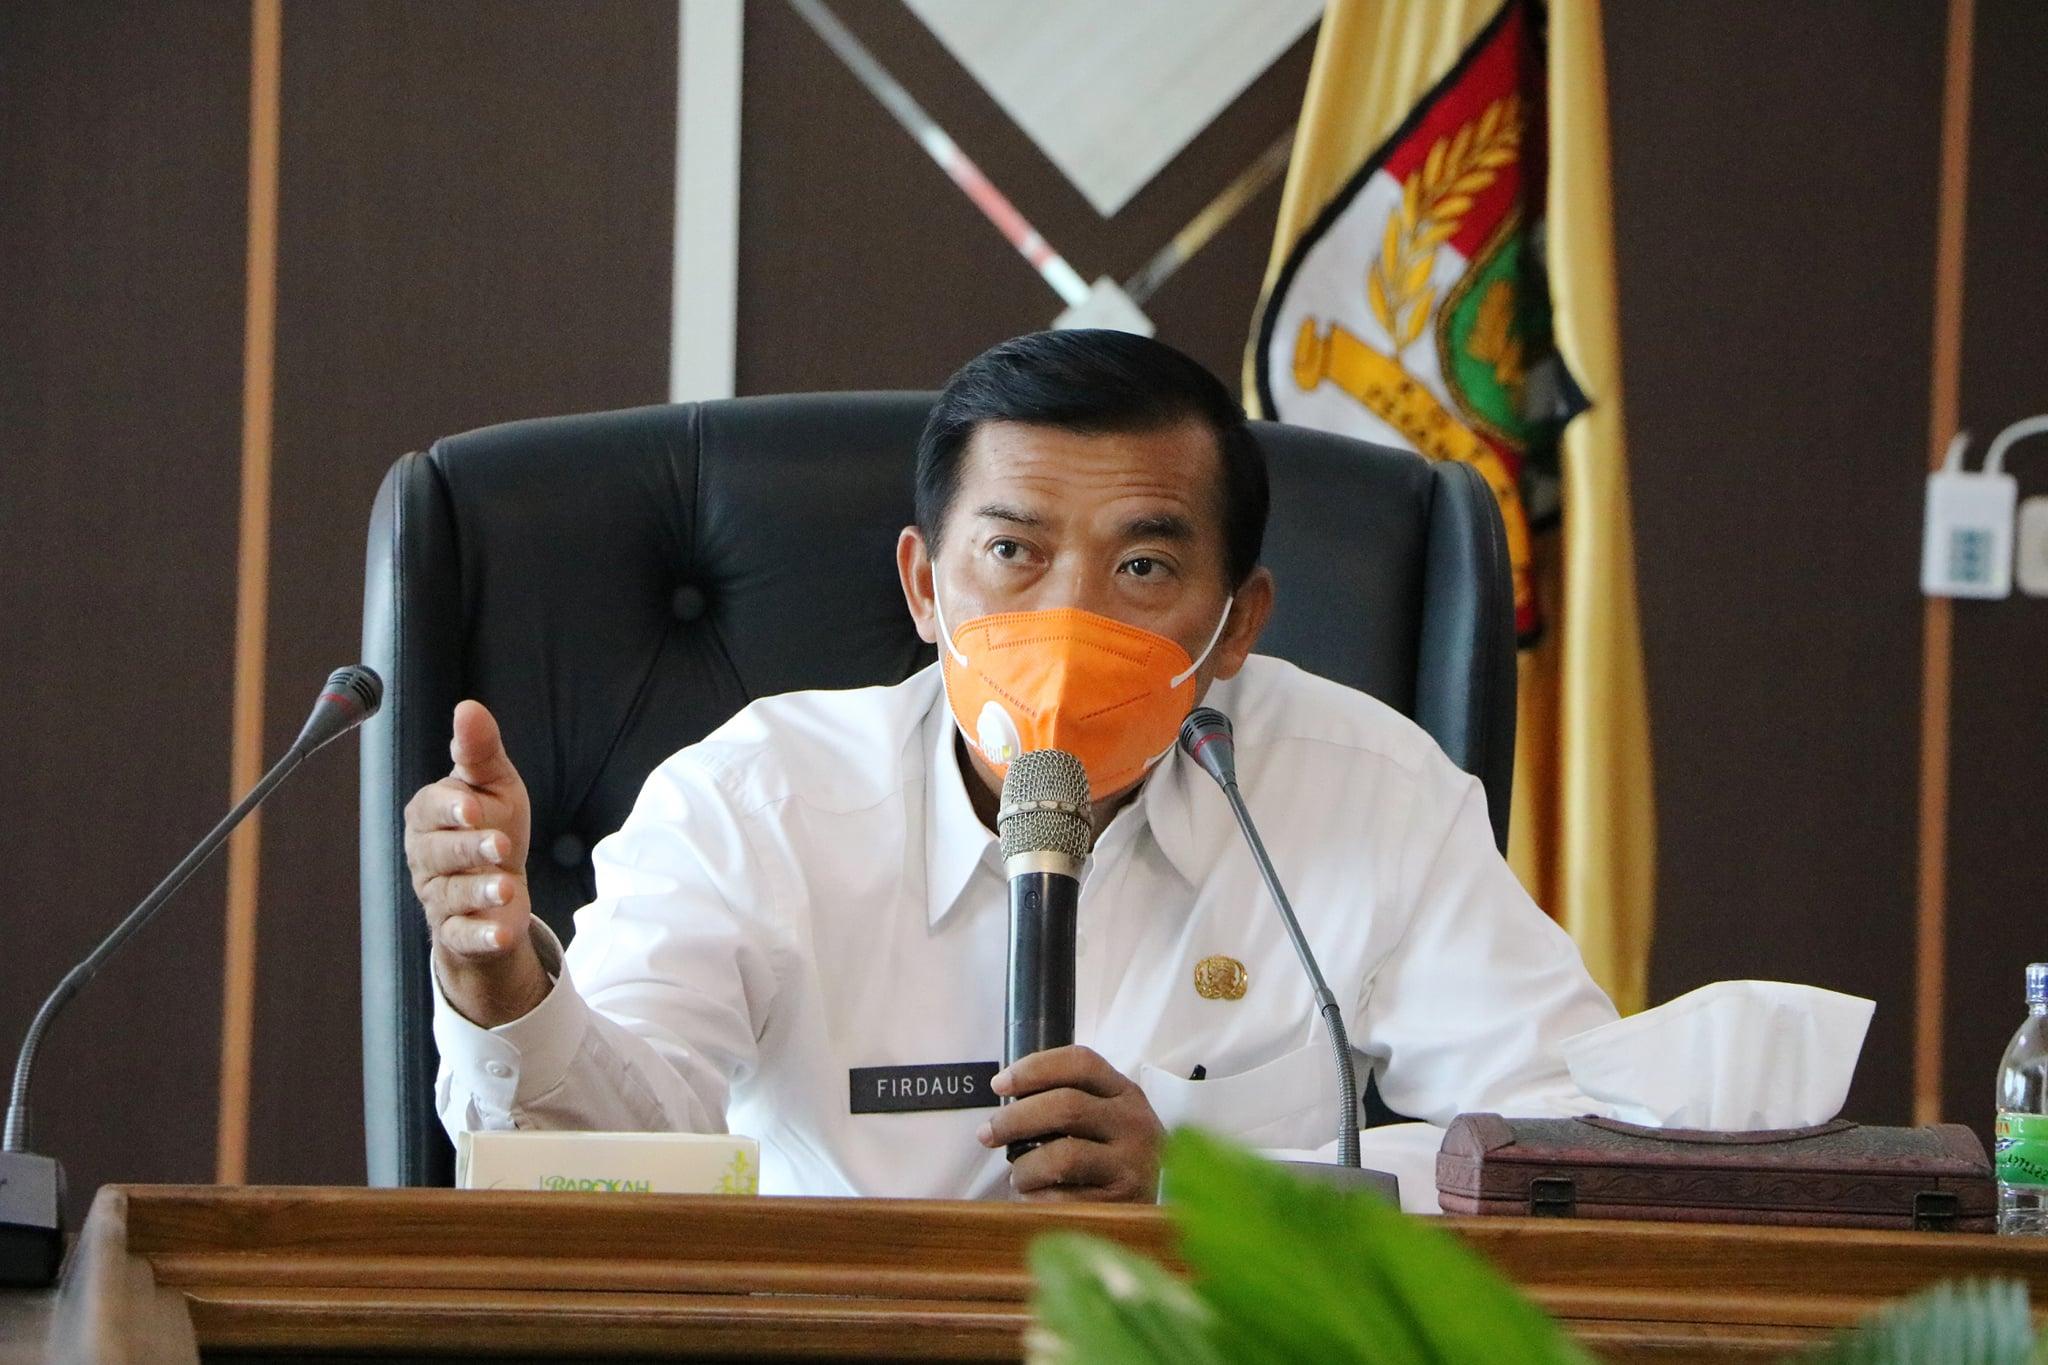 Wali Kota Pekanbaru Dorong Seluruh OPD Tingkatkan Kinerja Layanan Publik